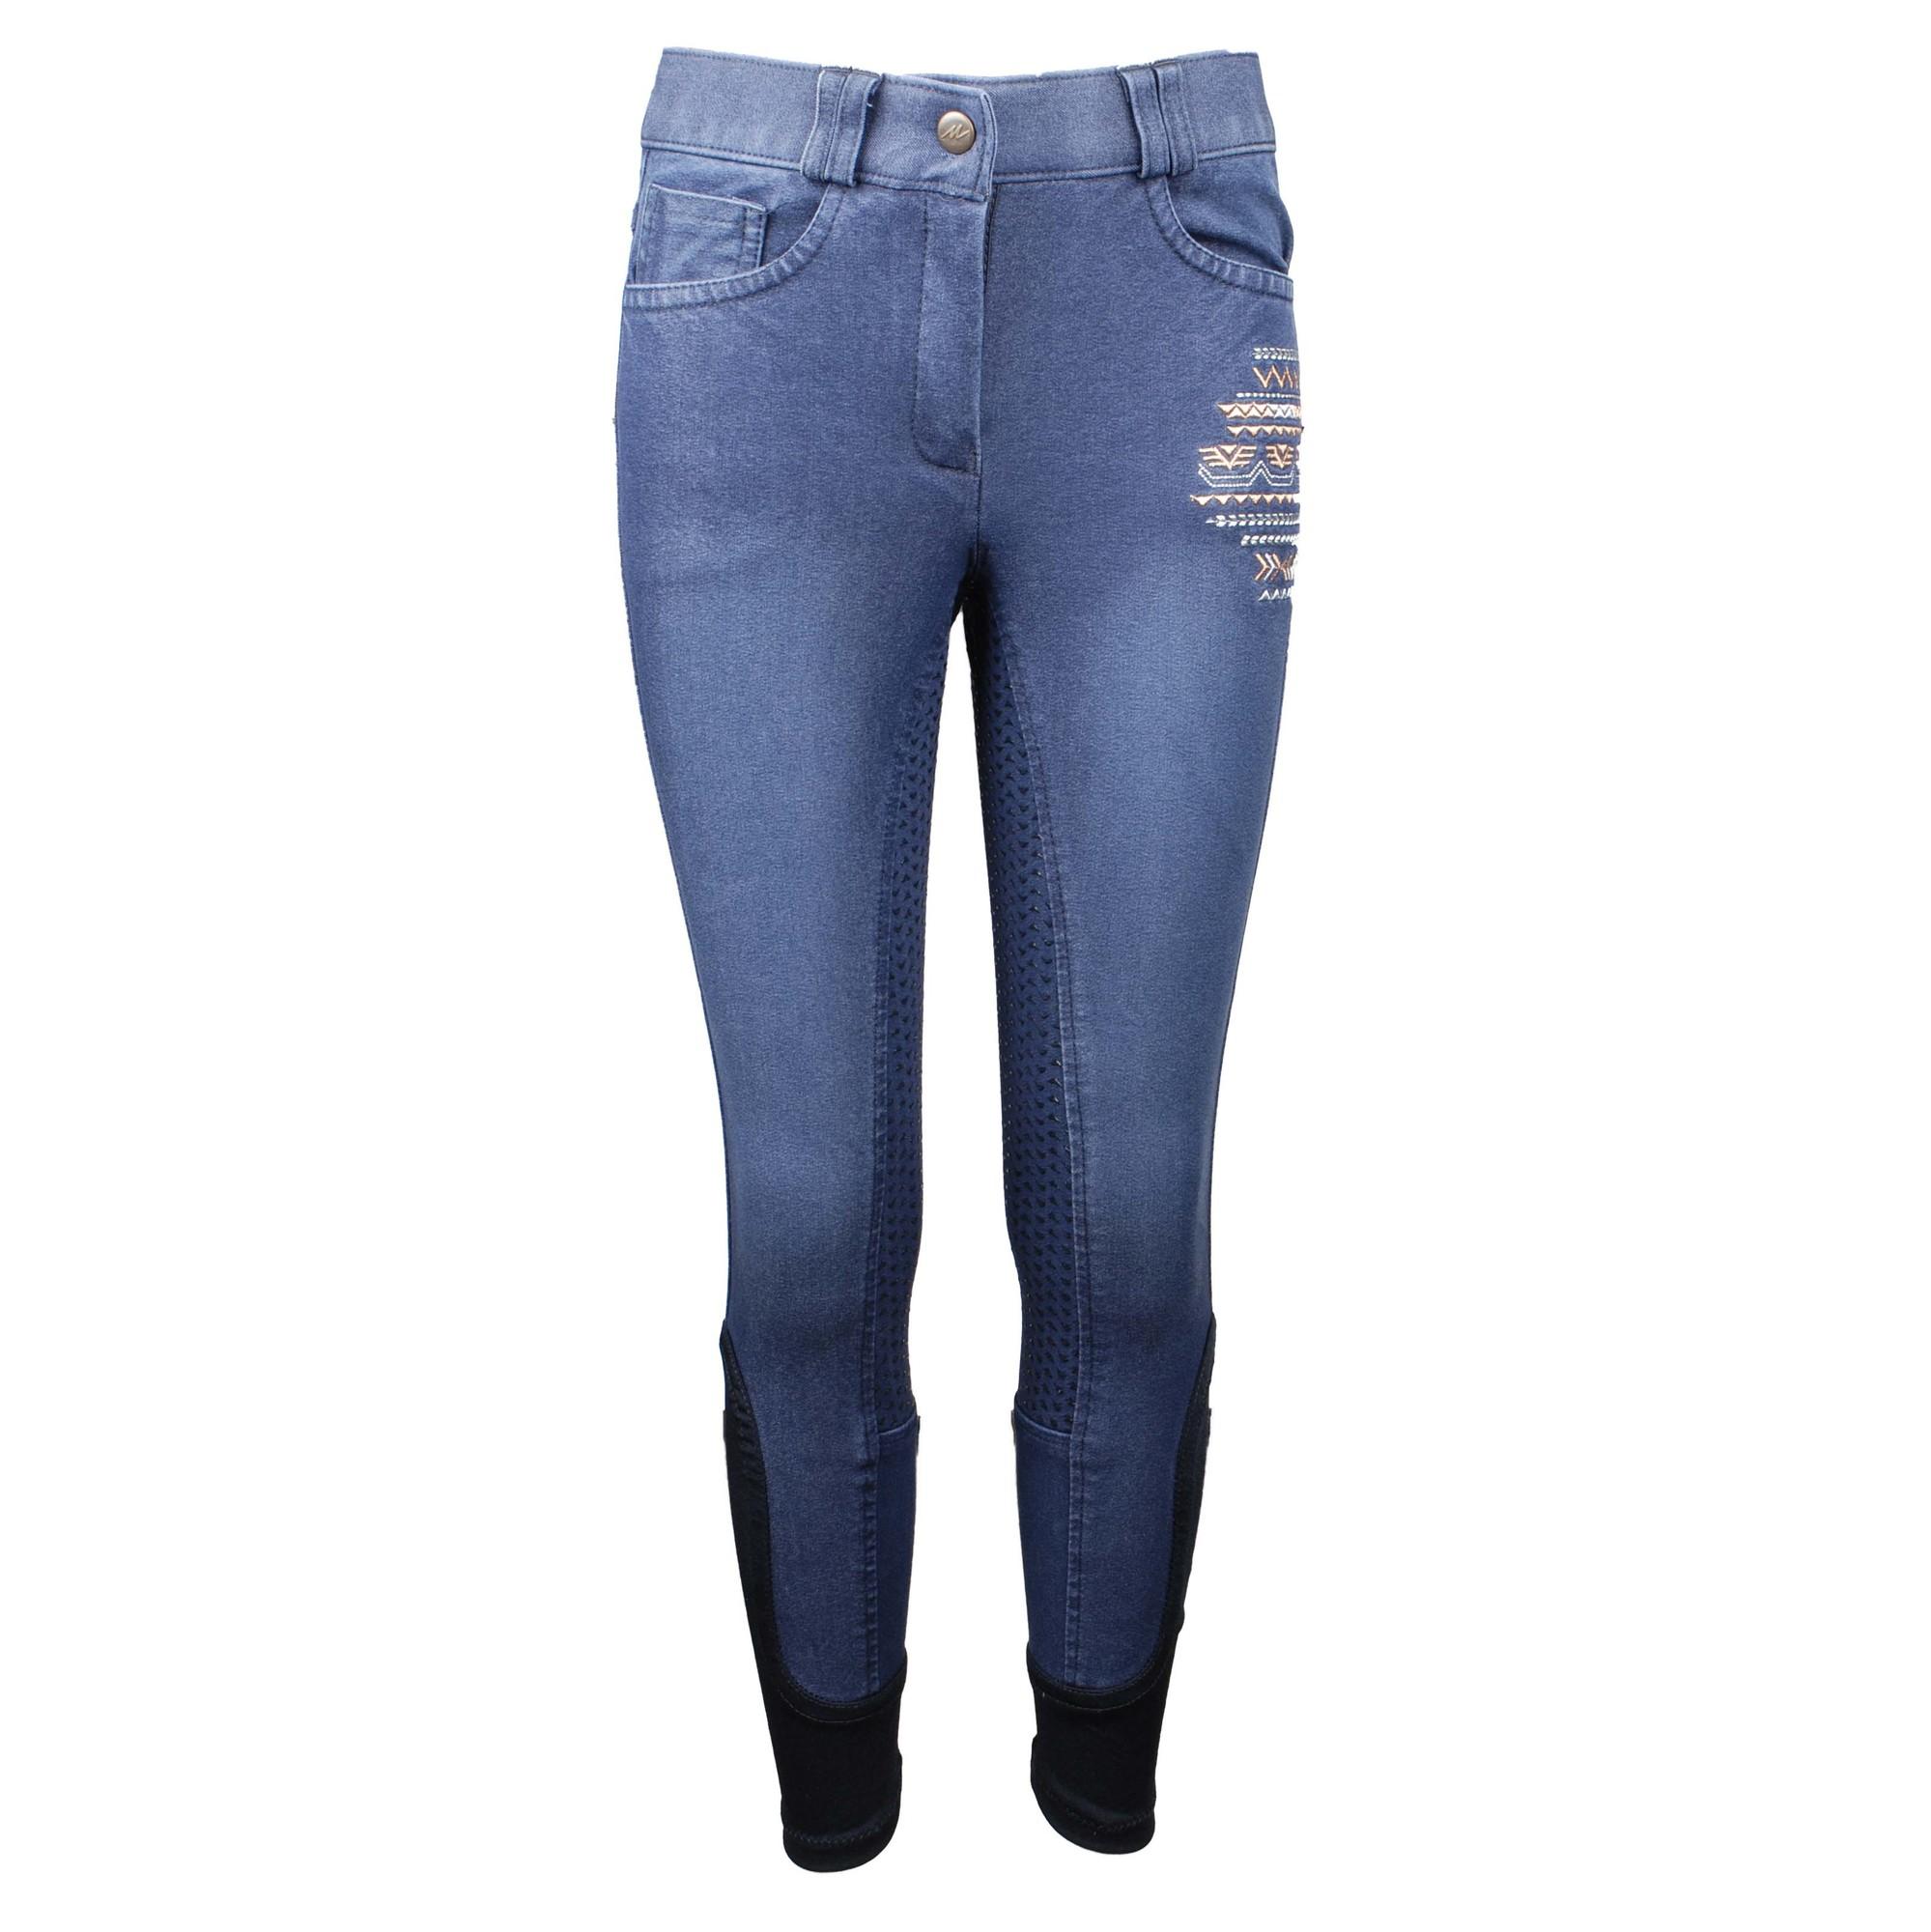 Mondoni Eivissa kinder rijbroek jeans maat:176